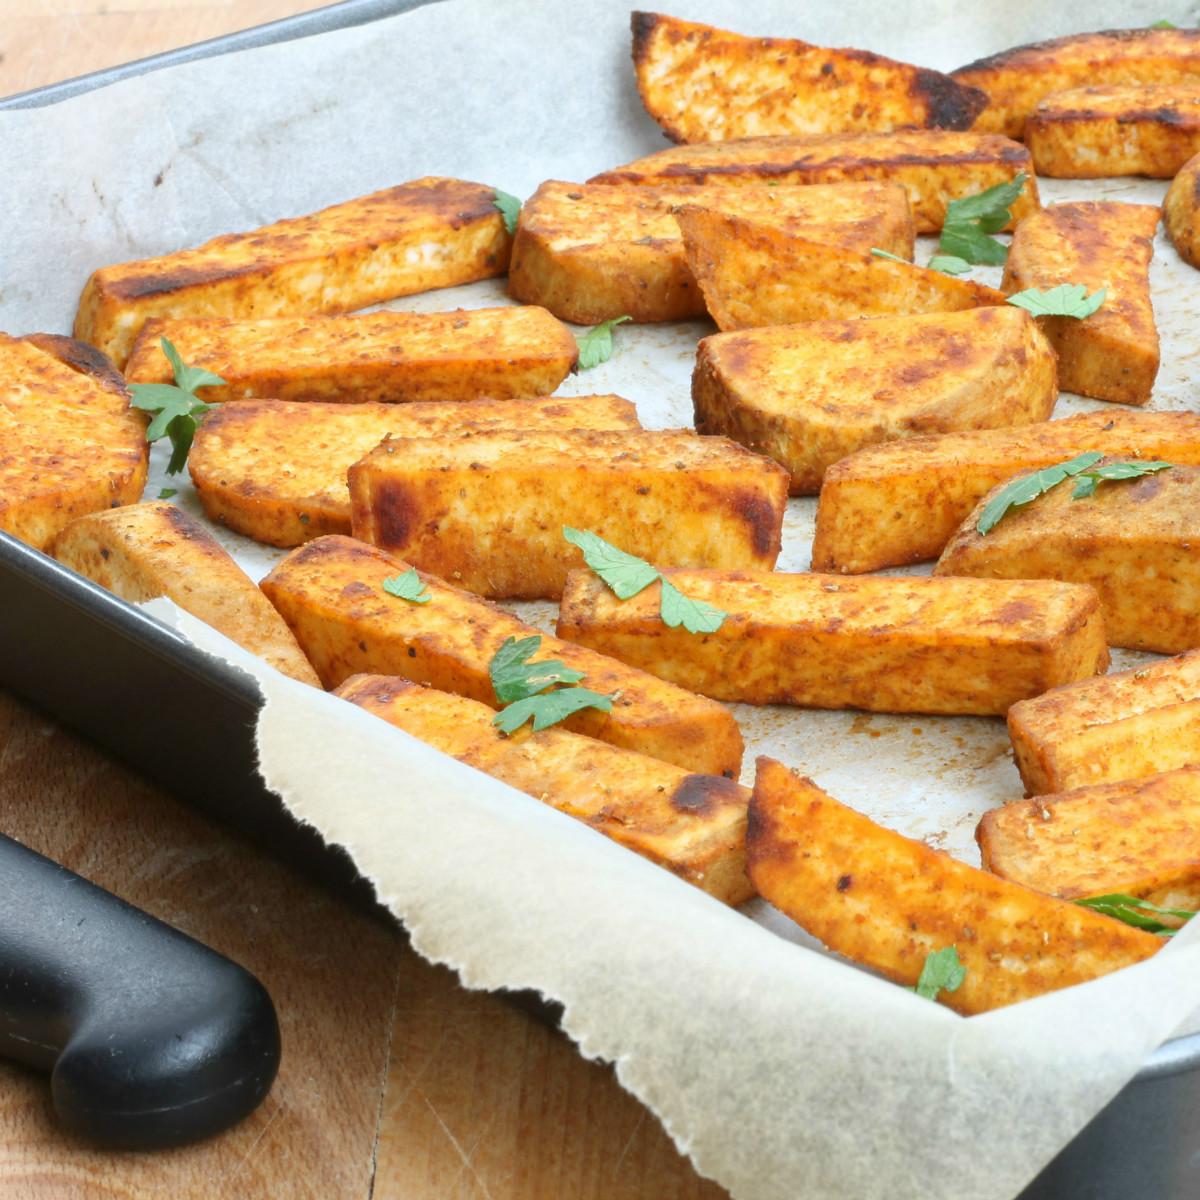 Patate dolci al forno ricetta patate americane alla paprika dolce - Sonicatore cucina a cosa serve ...